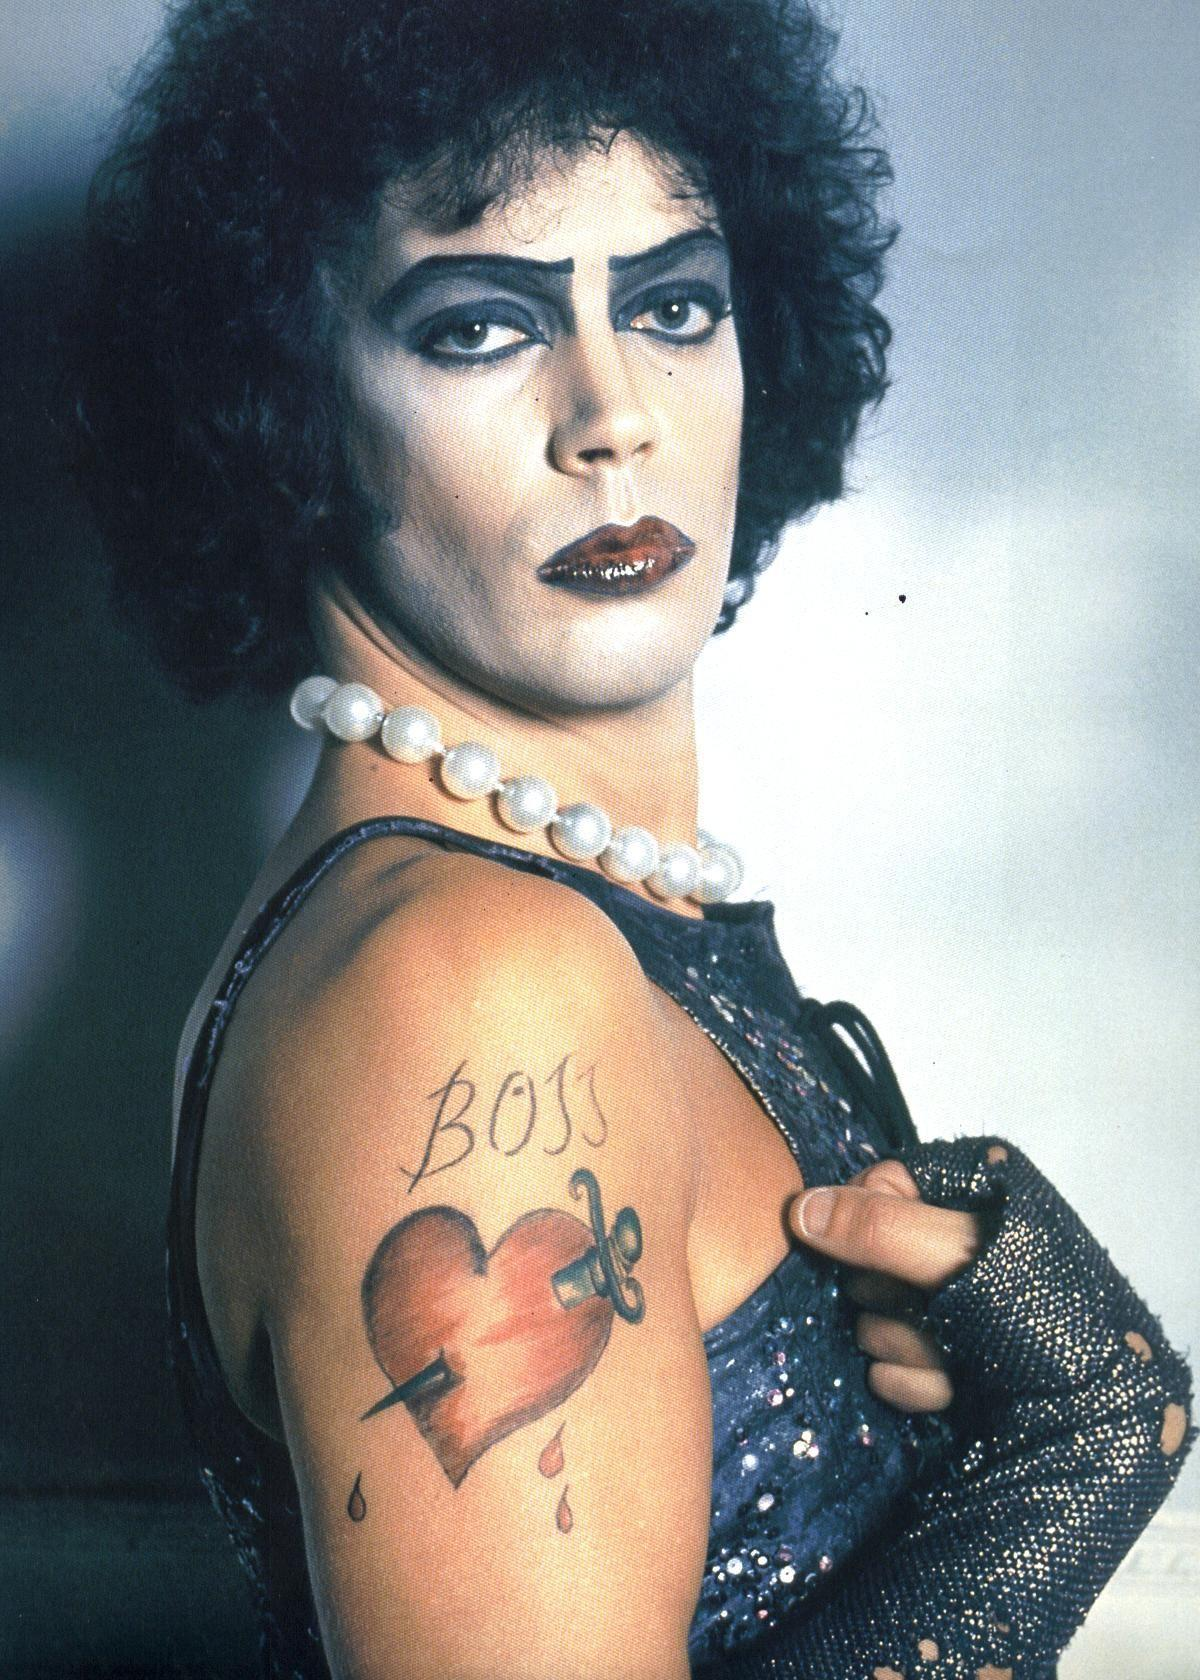 Frank n furter sweet transvestite